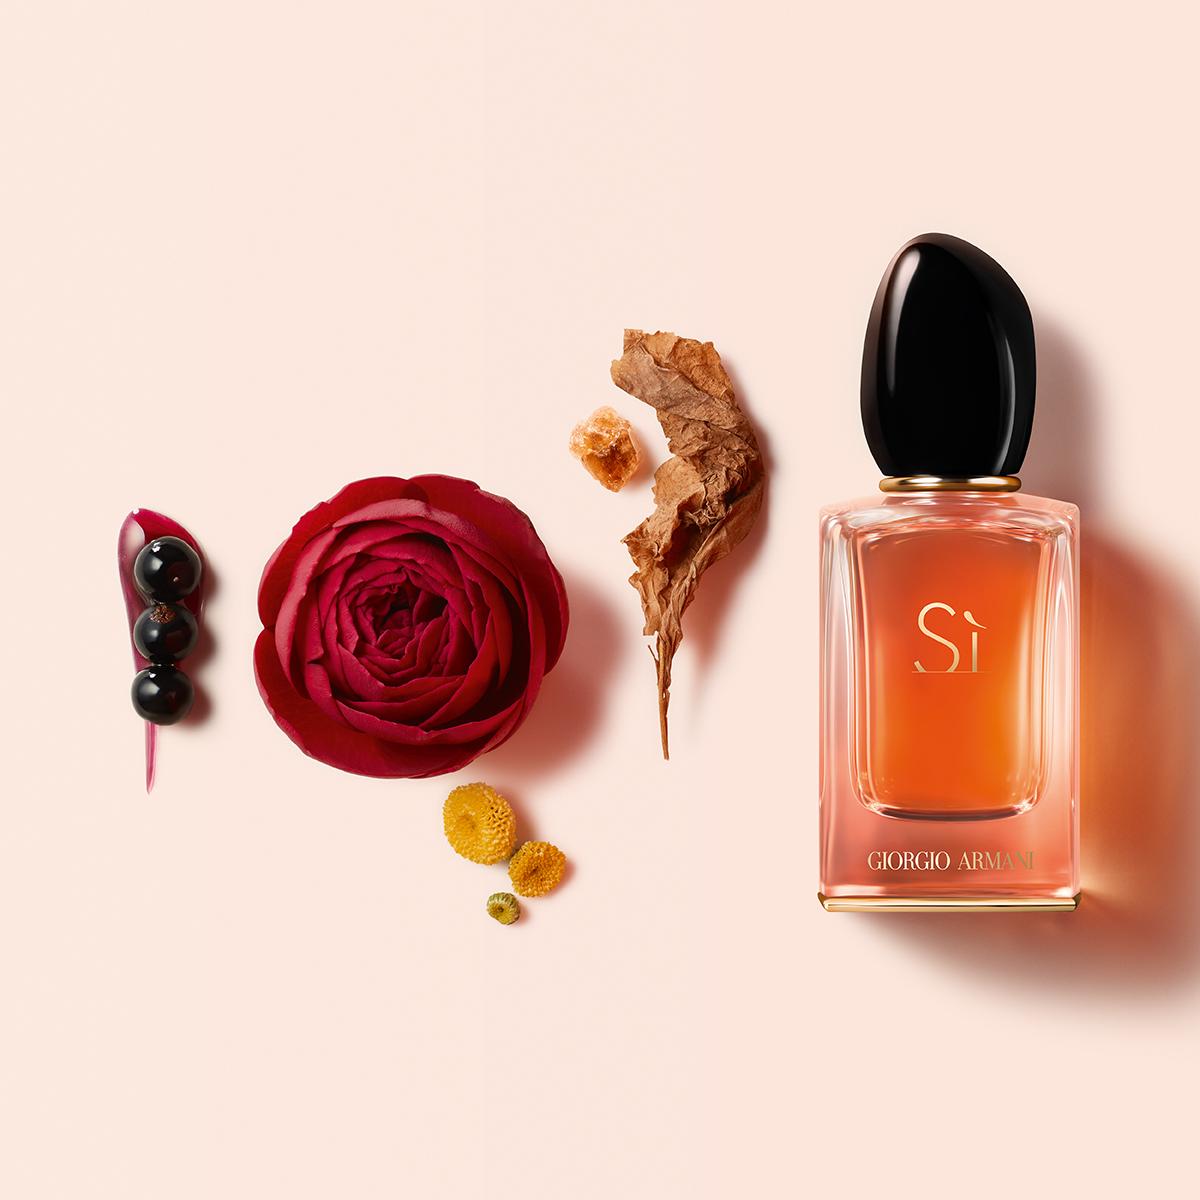 Armani Sì Intense Eau de Parfum - Scoprilo da Profumerie Sabbioni